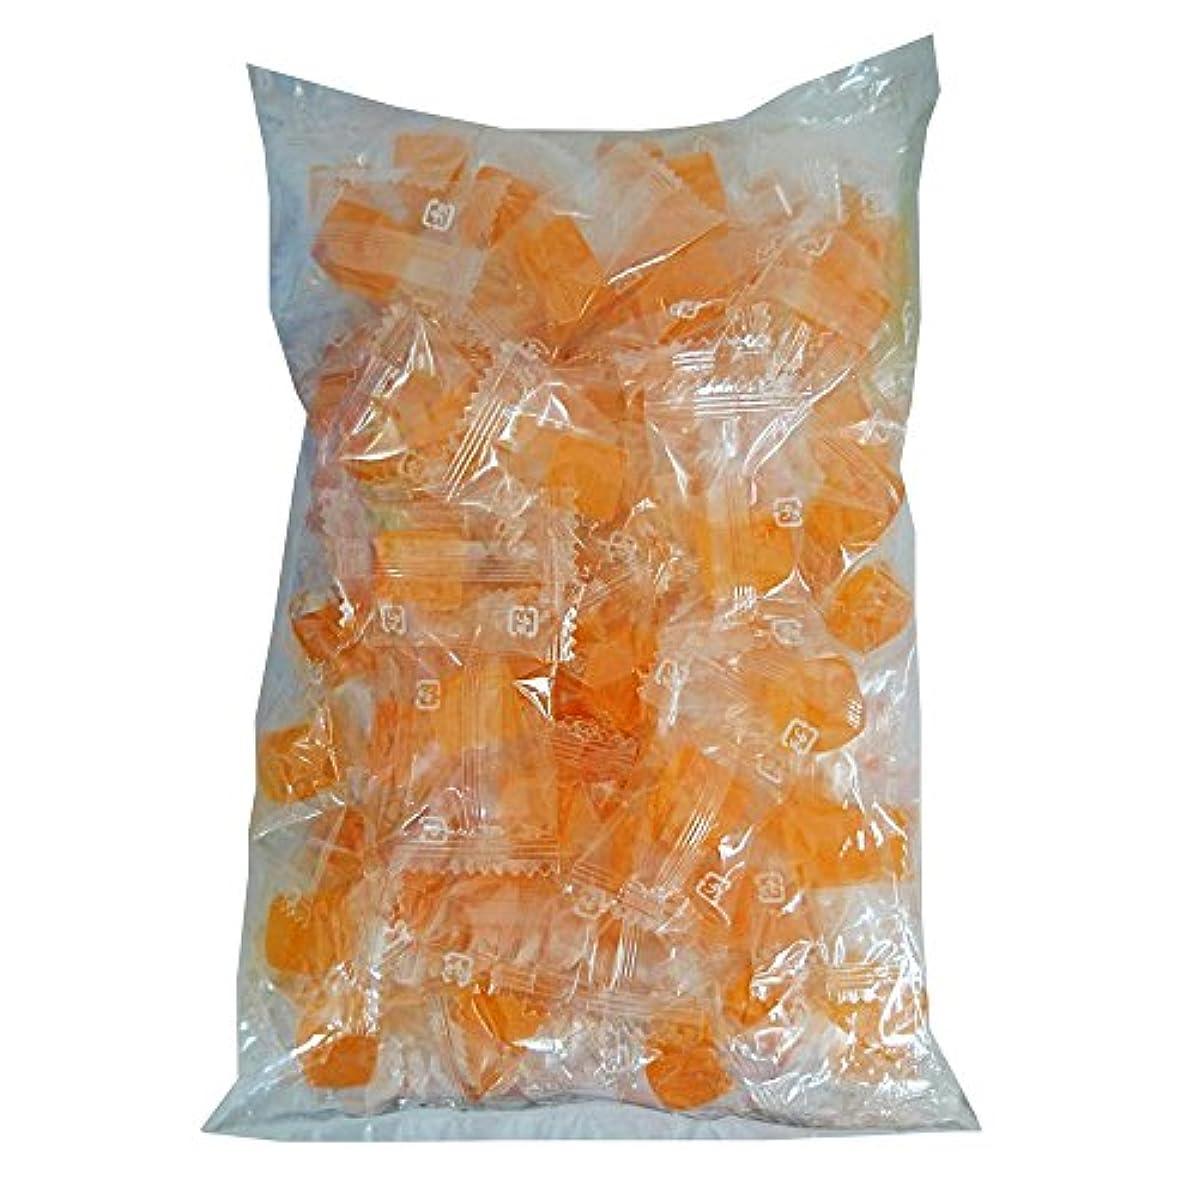 転用疲労事実上みかんキシリトールグミ大袋100粒入